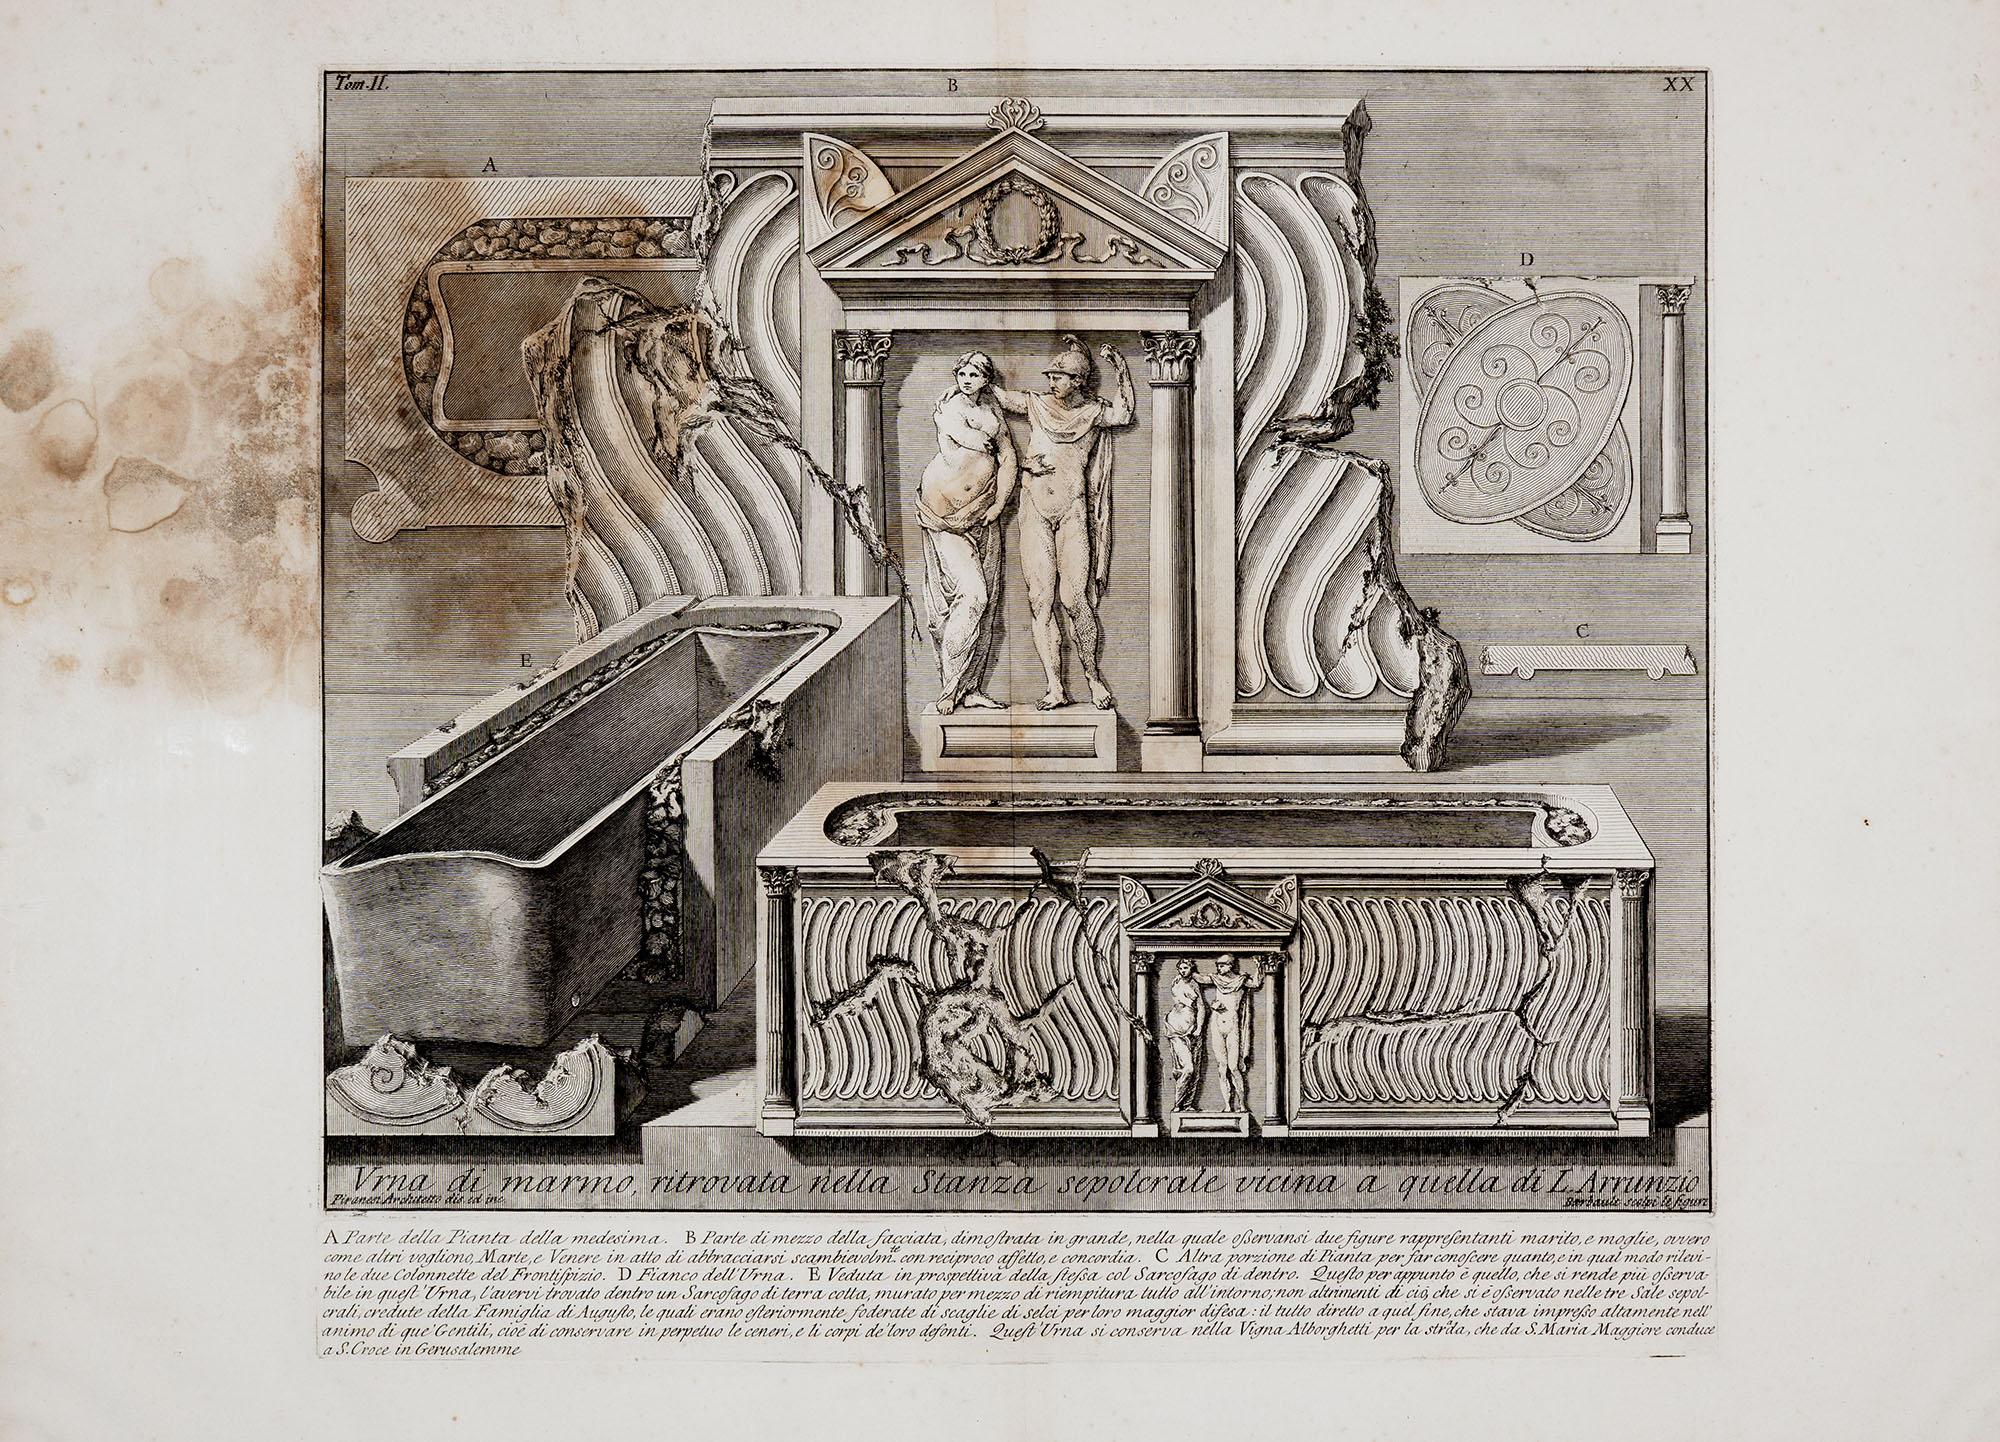 28. Urna di marmo ritrovata nella stanza sepolcrale vicina a quella di L. Arrunzio